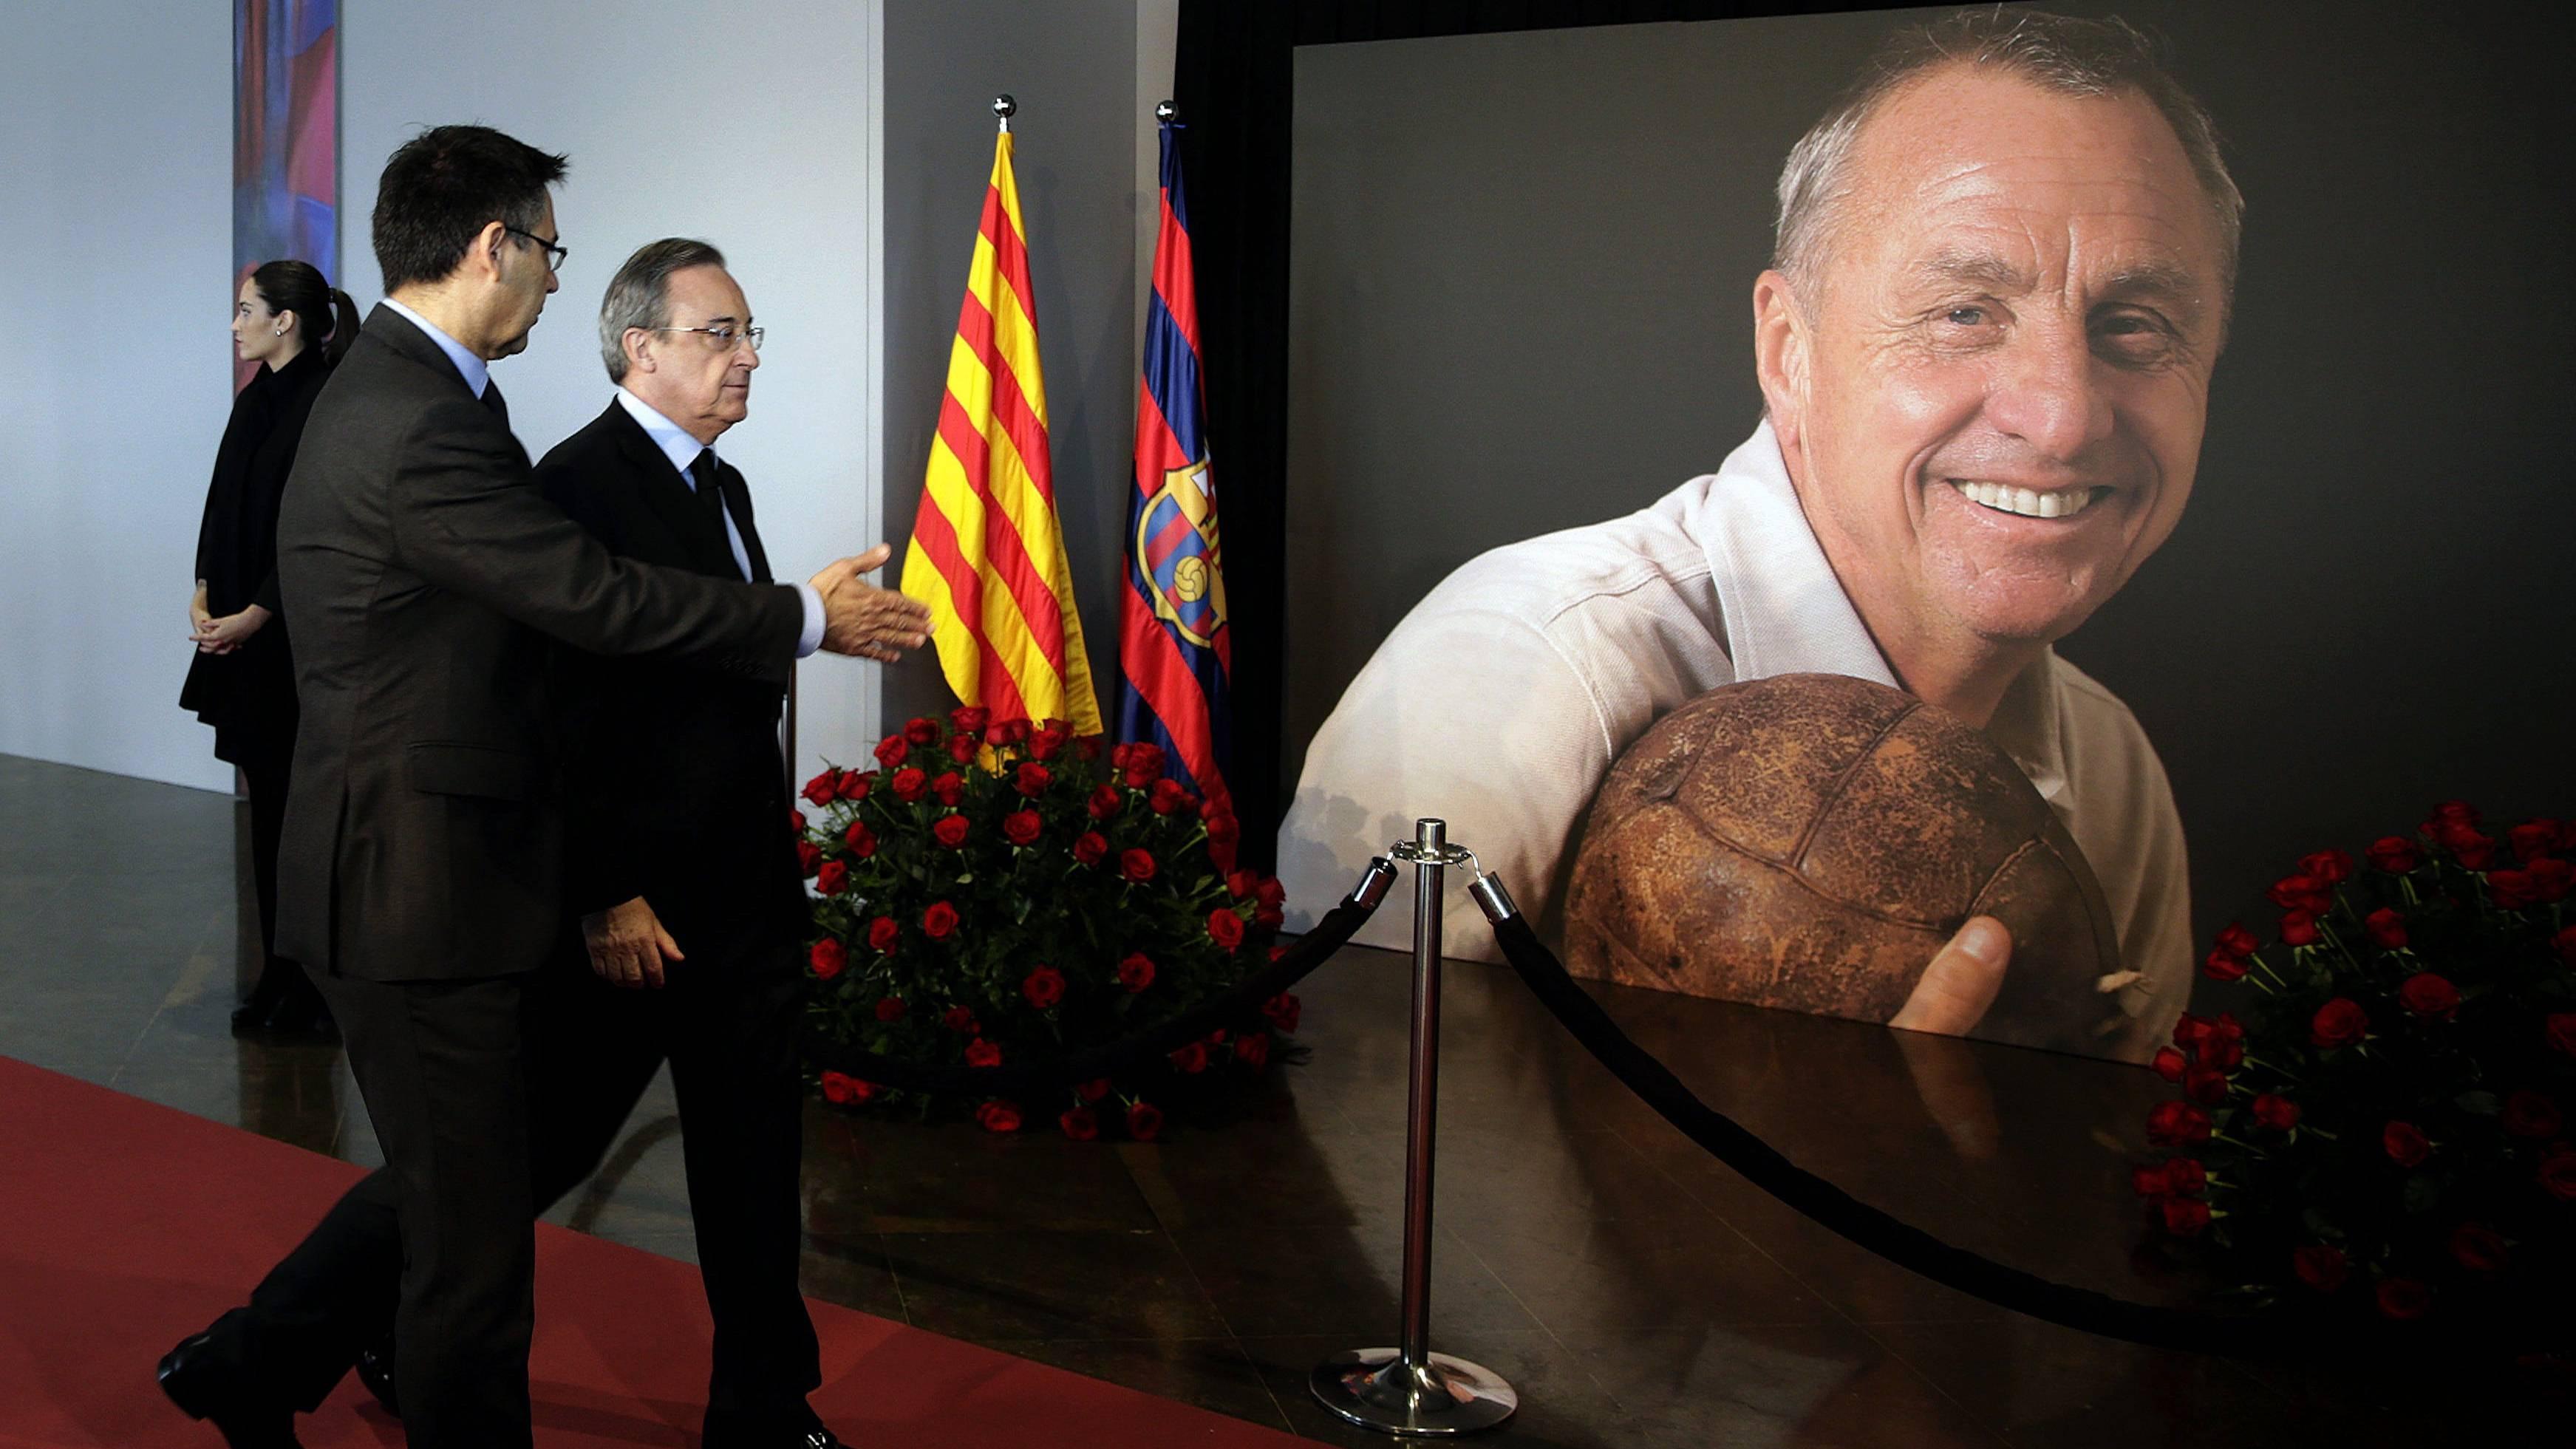 Los 5 homenajes que har� el Bar�a a Cruyff en el Cl�sico